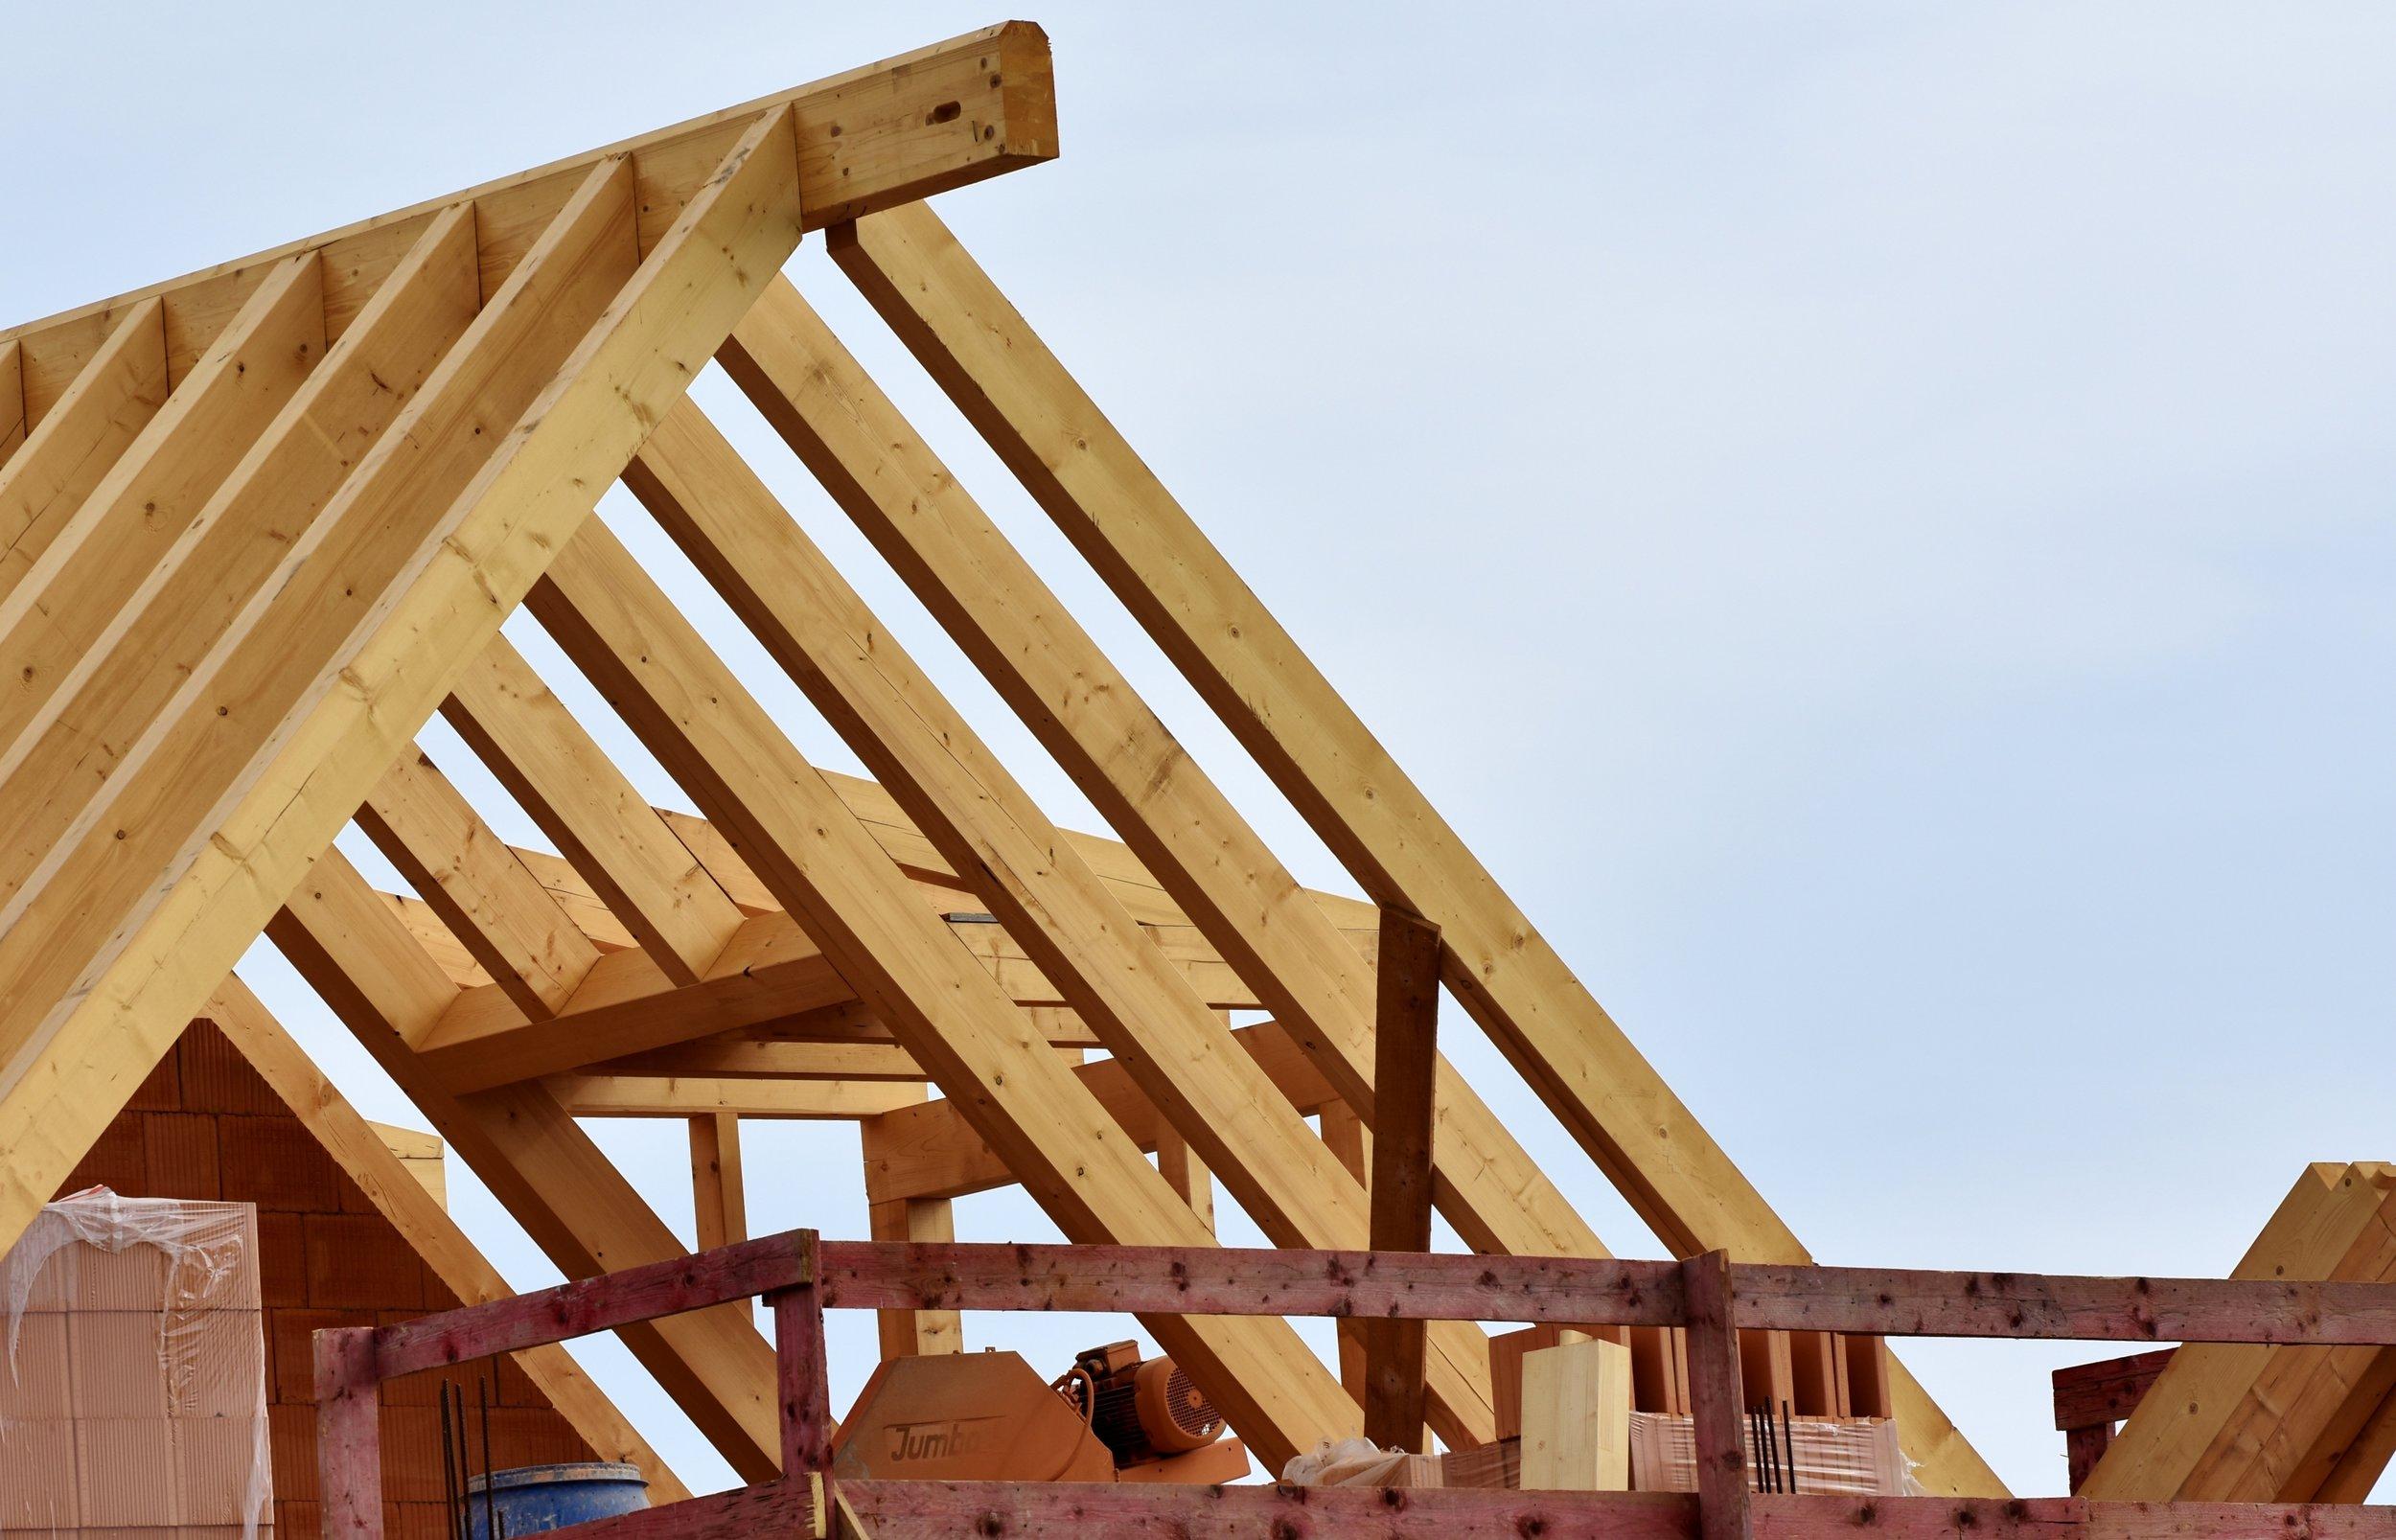 roof-truss-3339206.jpg